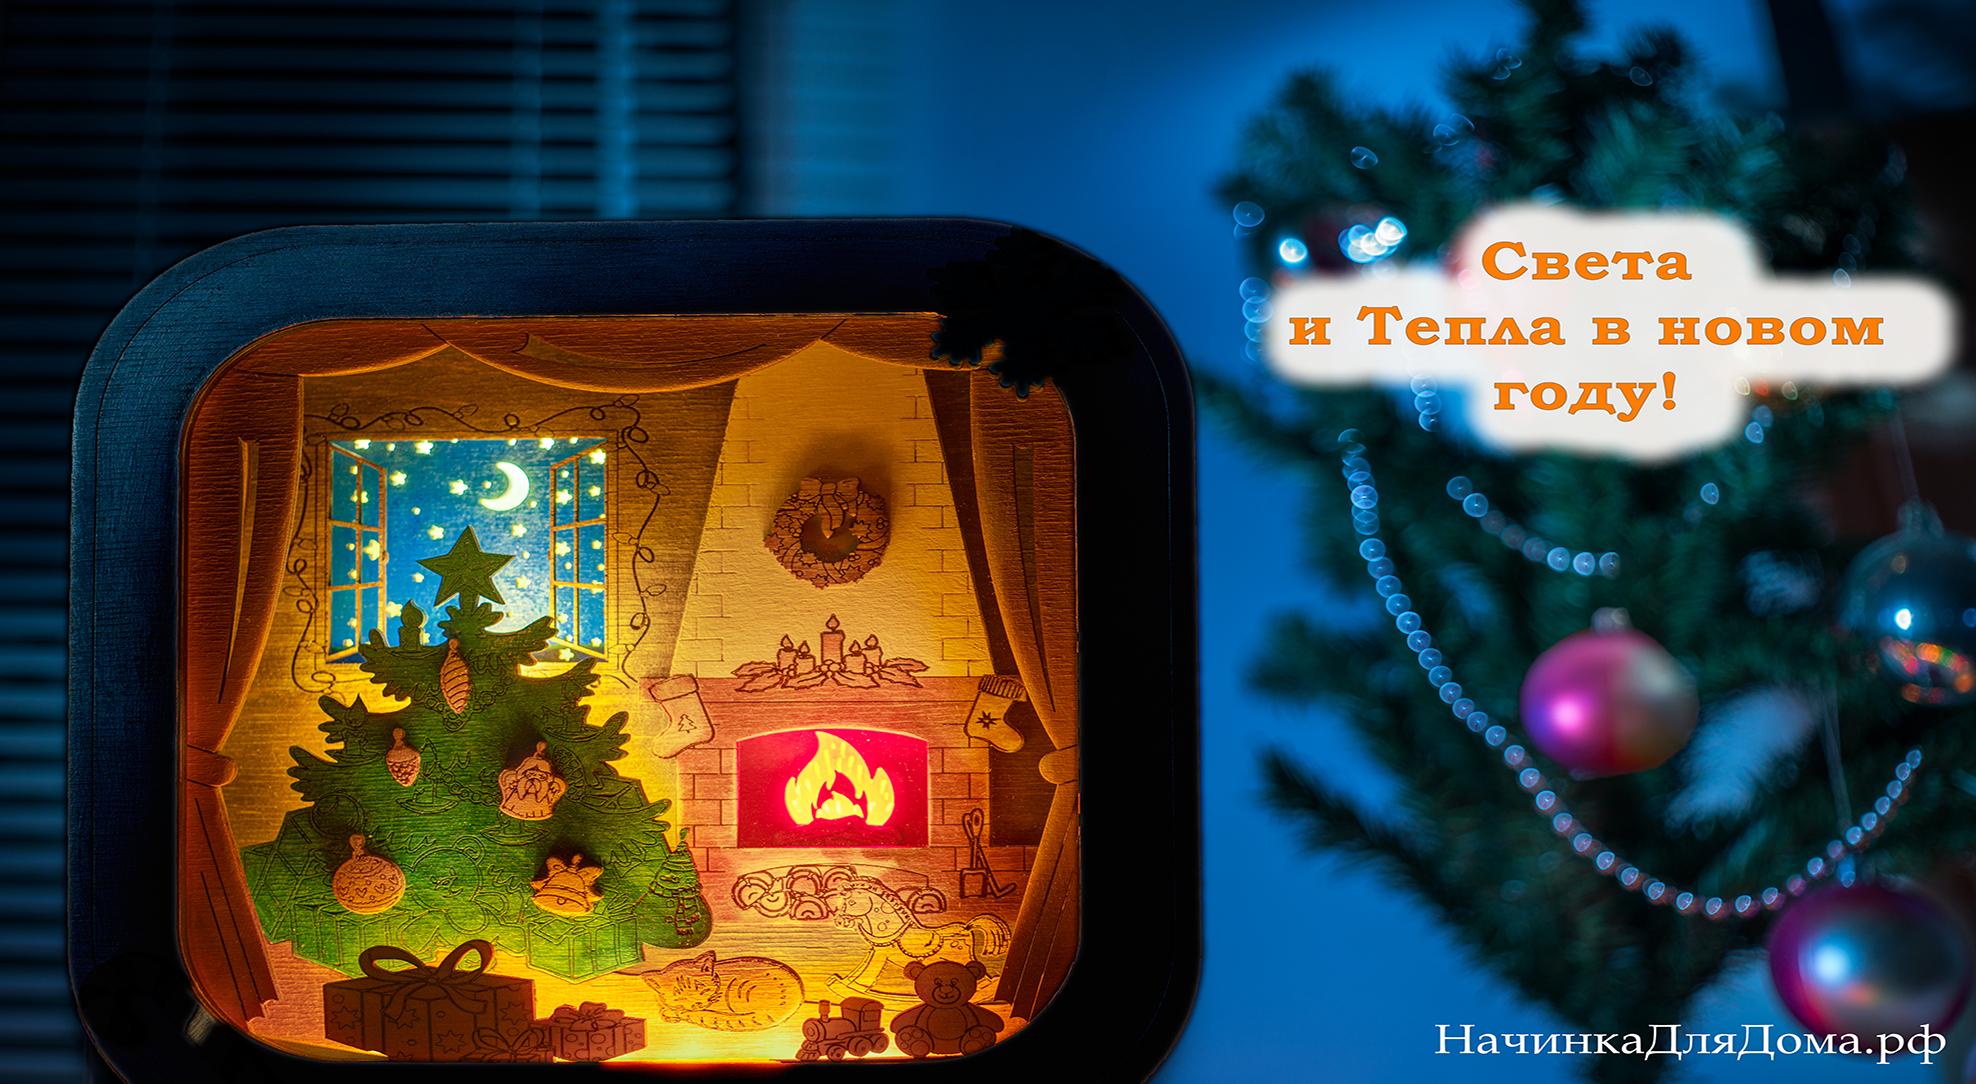 Светильники-ночники, которые подарят тепло, уют, атмосферу сказки Вашему ребёнку